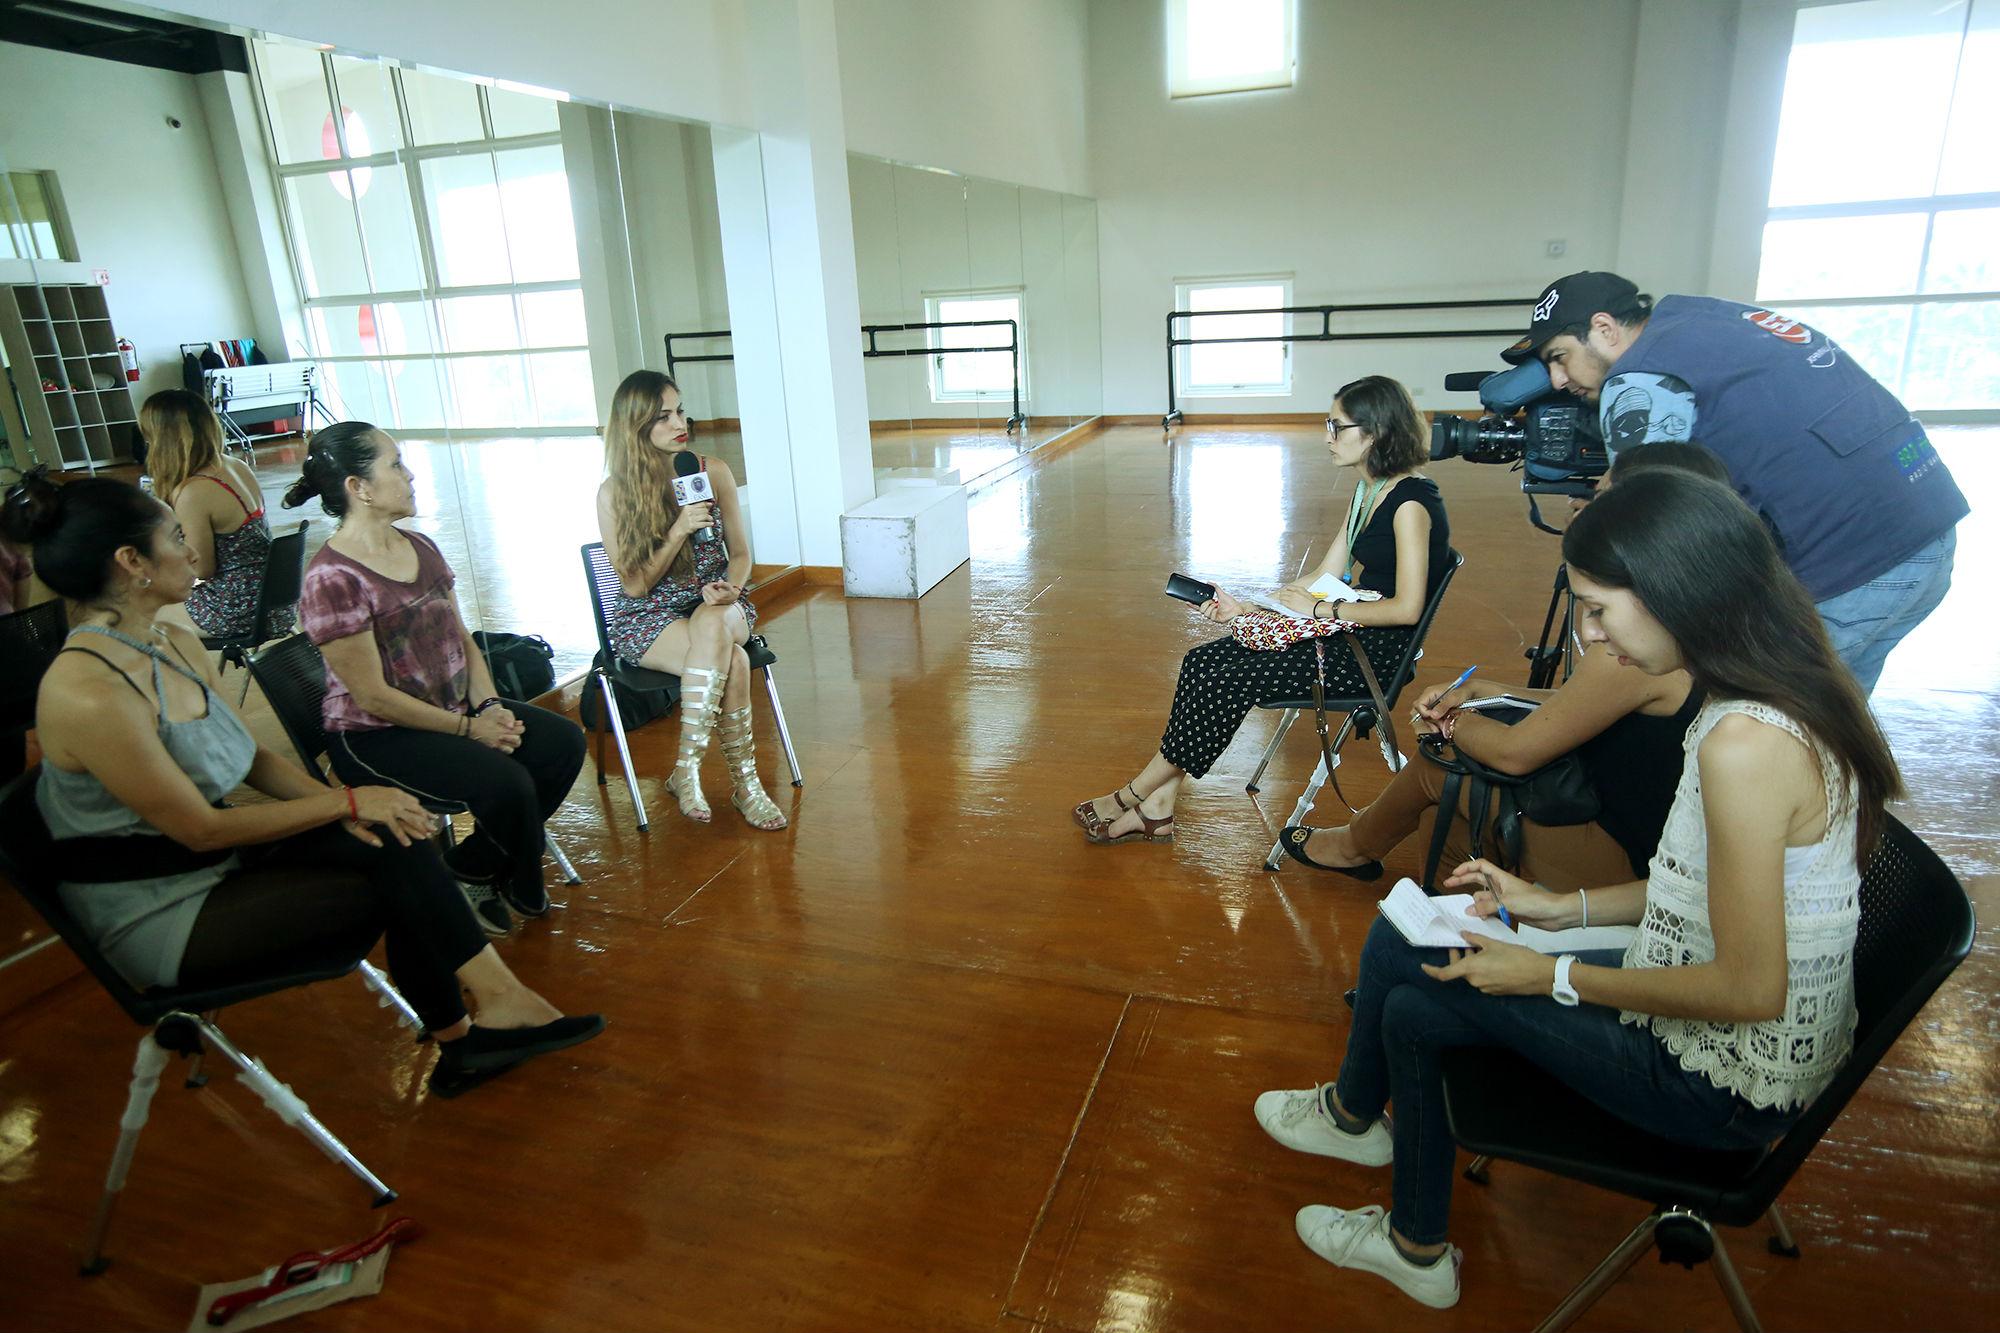 La entrevista se realizó en las instalaciones de la Facultad de Artes Escénicas